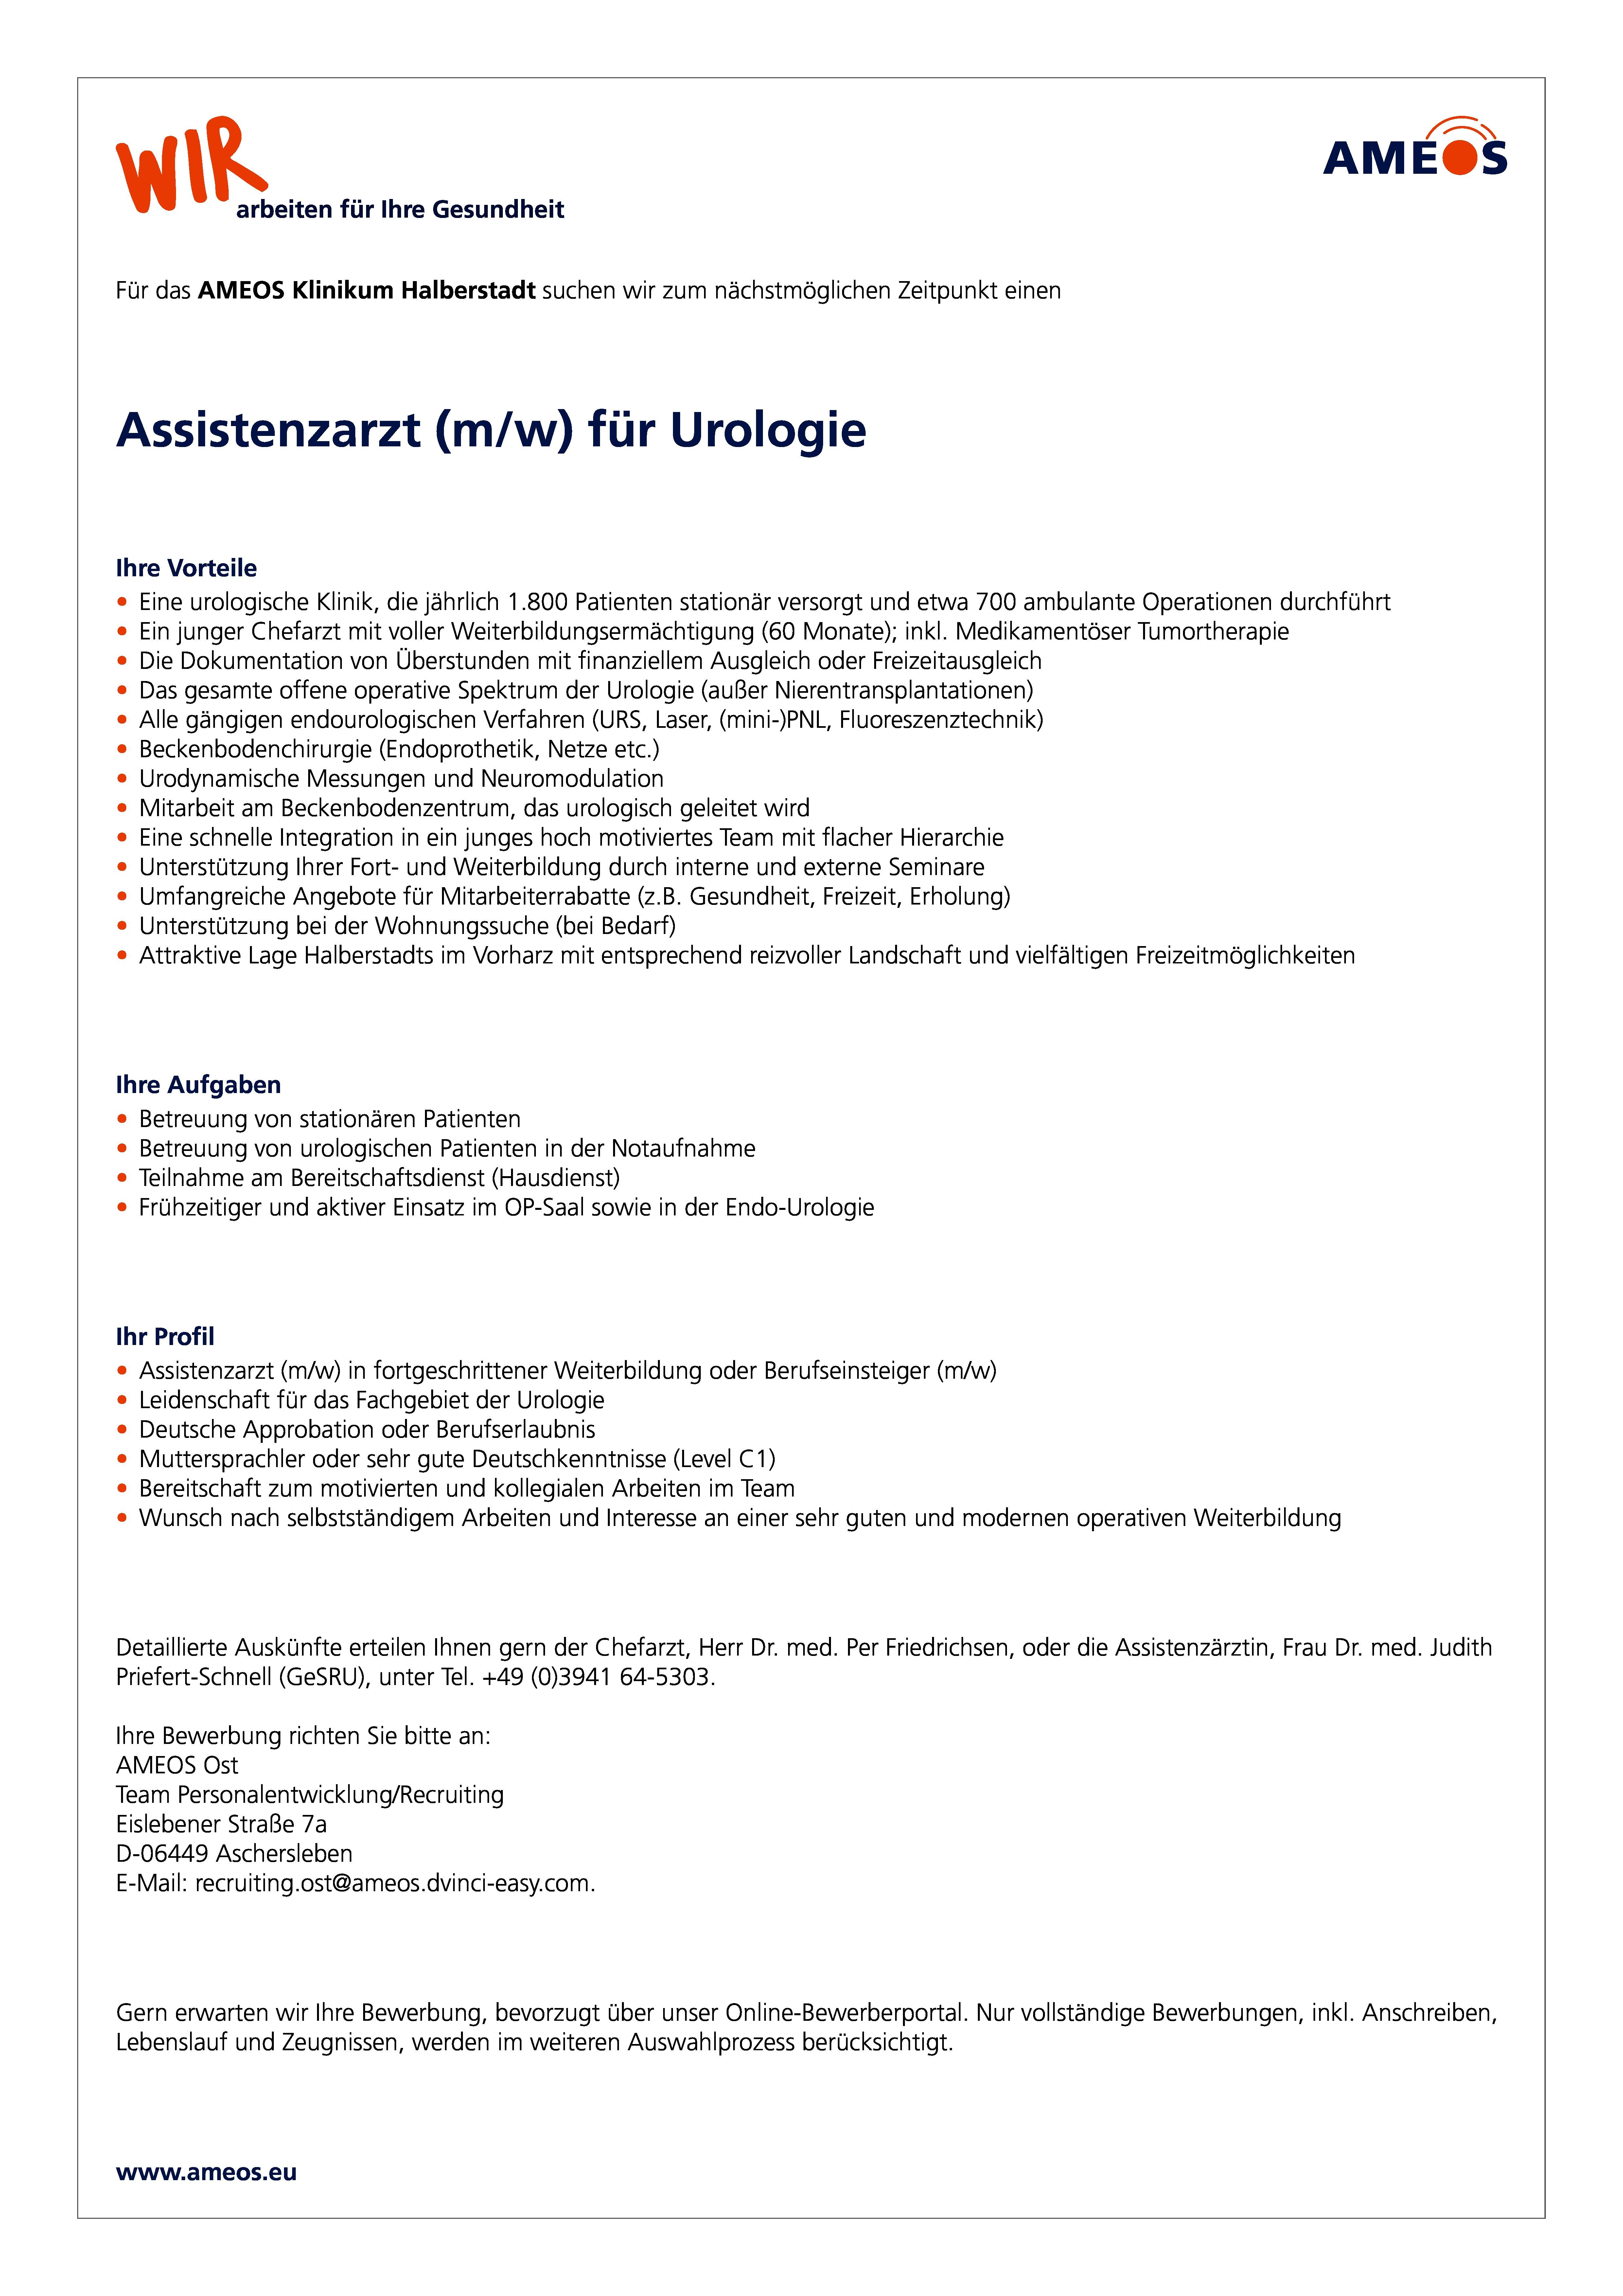 assistenzarzt mw fr urologie - Bewerbung Weiterbildung